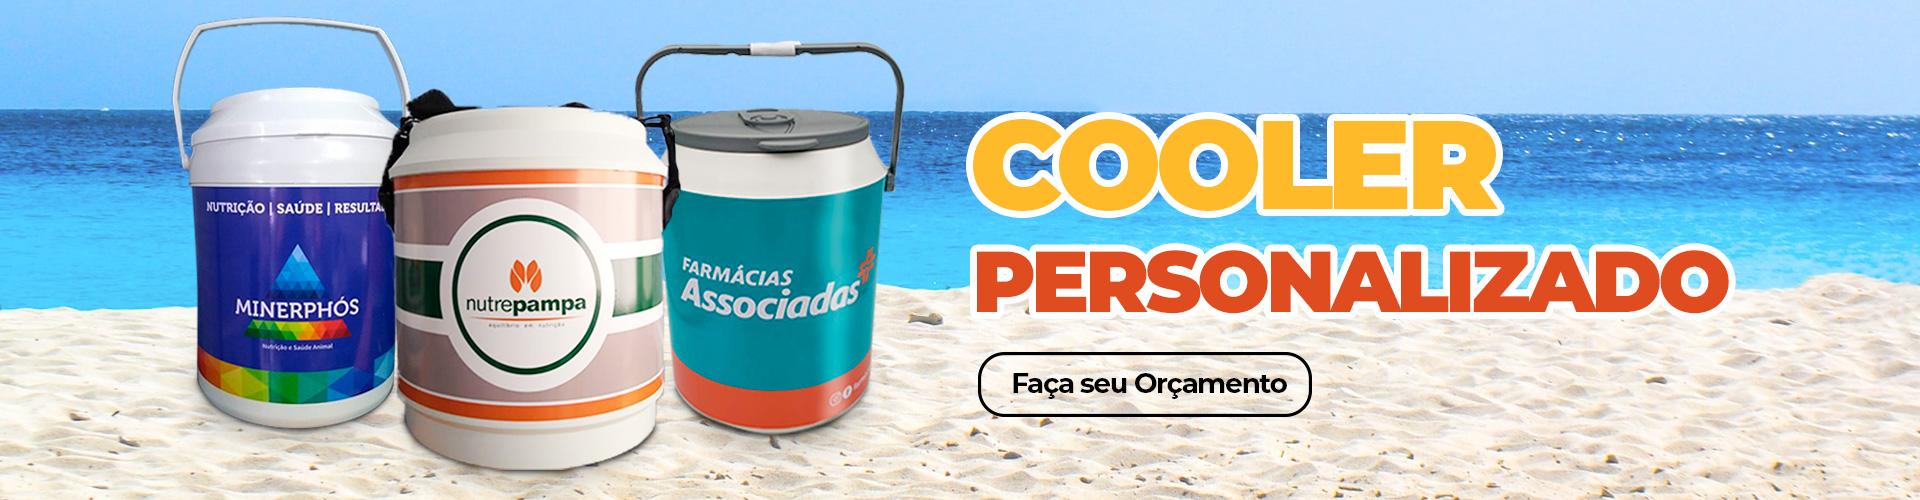 Cooler Personalizado